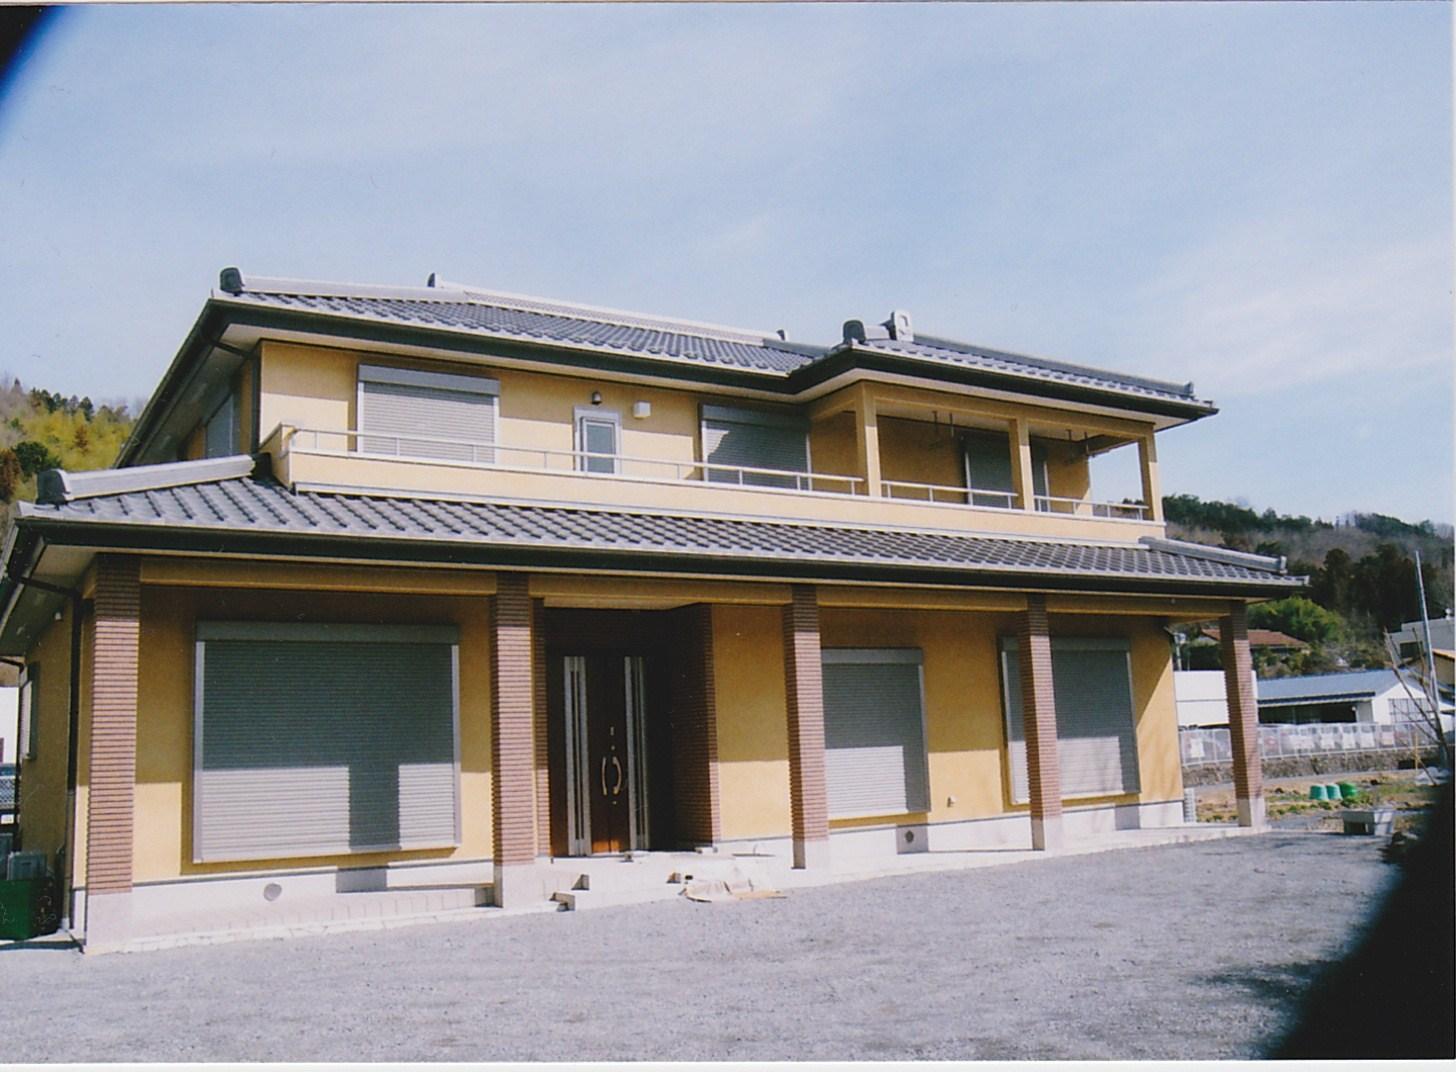 http://yamashige-housing.com/works/IMG_20130719_0007.jpg